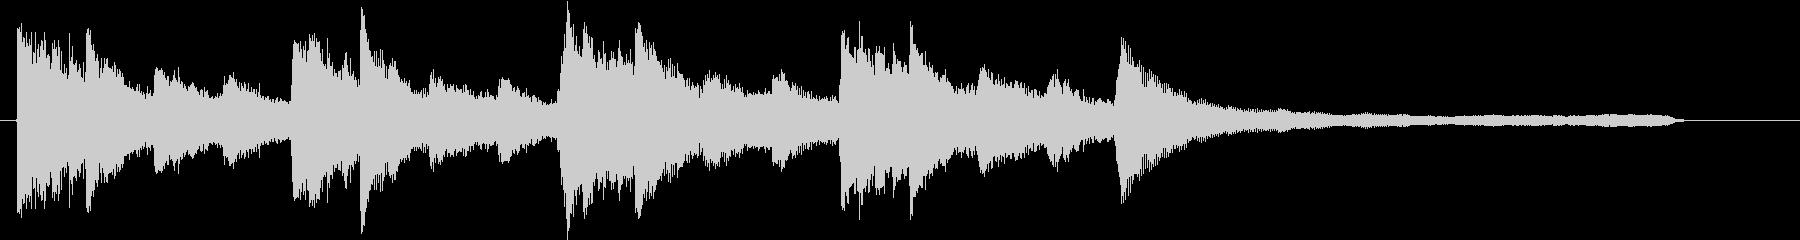 ピアノ・琴・ストリングスの美しい和風曲の未再生の波形